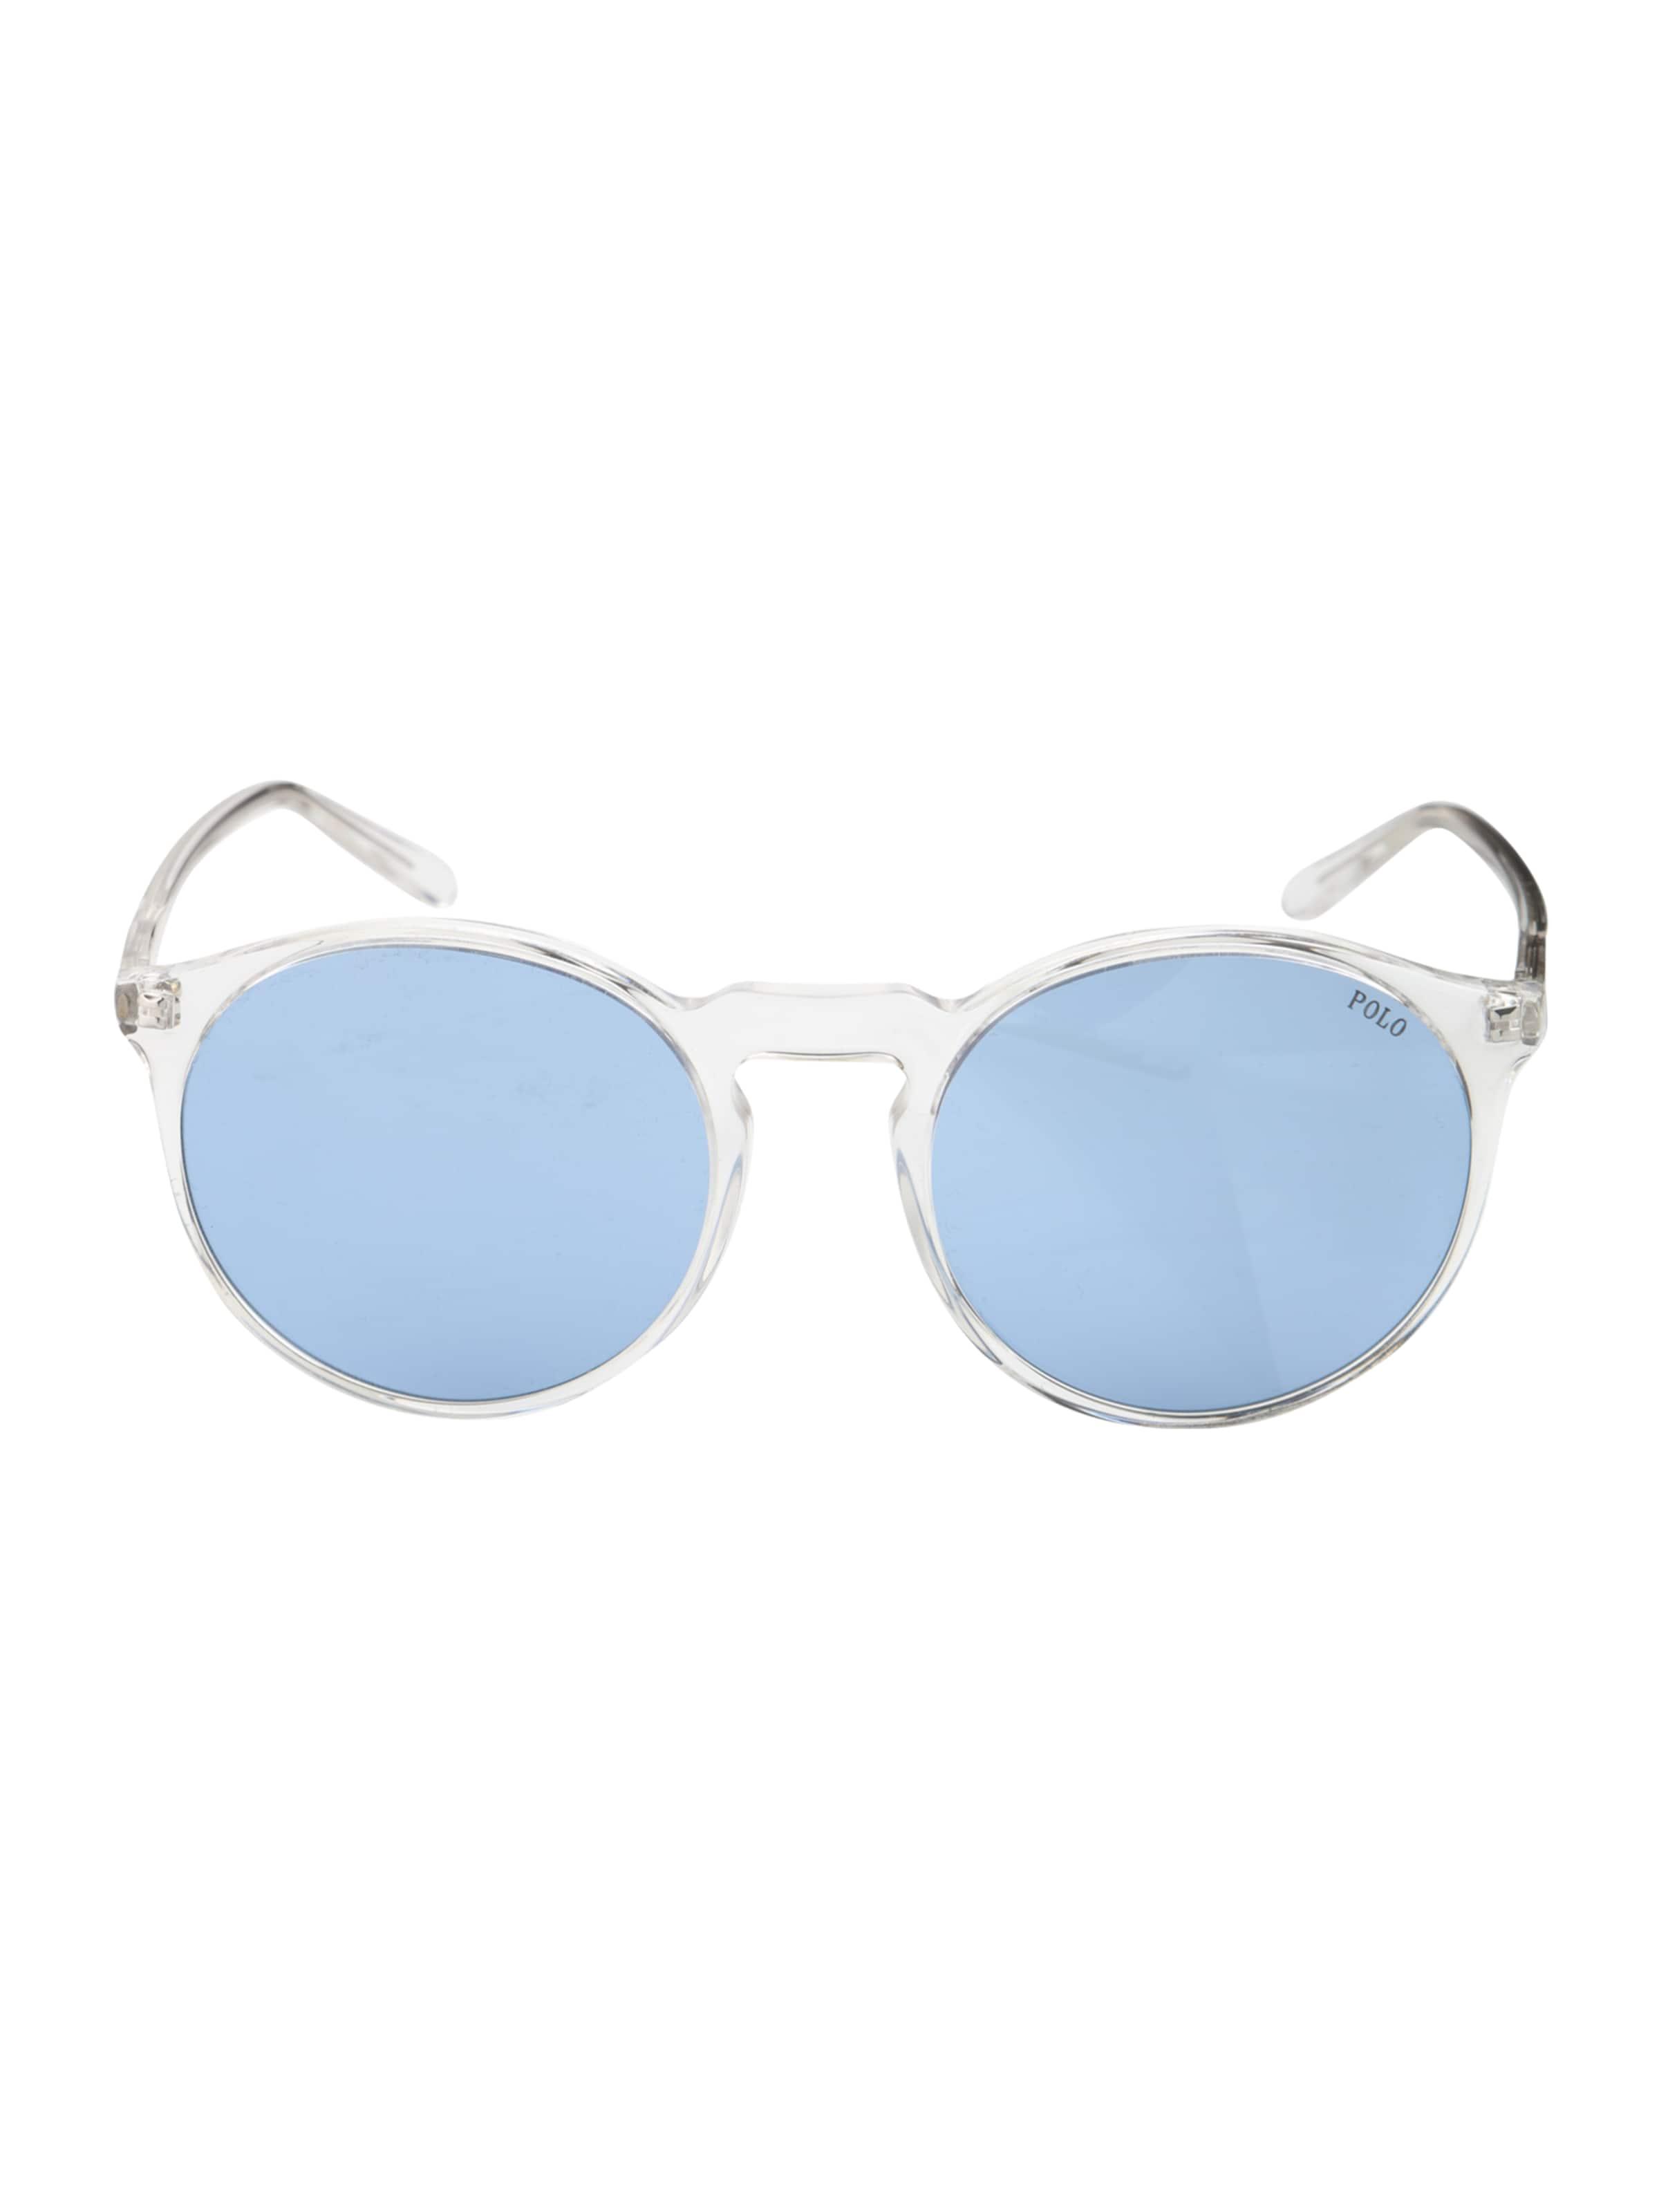 Günstig Kaufen Extrem POLO RALPH LAUREN Casual Sonnenbrille mit Panto-Gestell Online Einkaufen V44FjTE